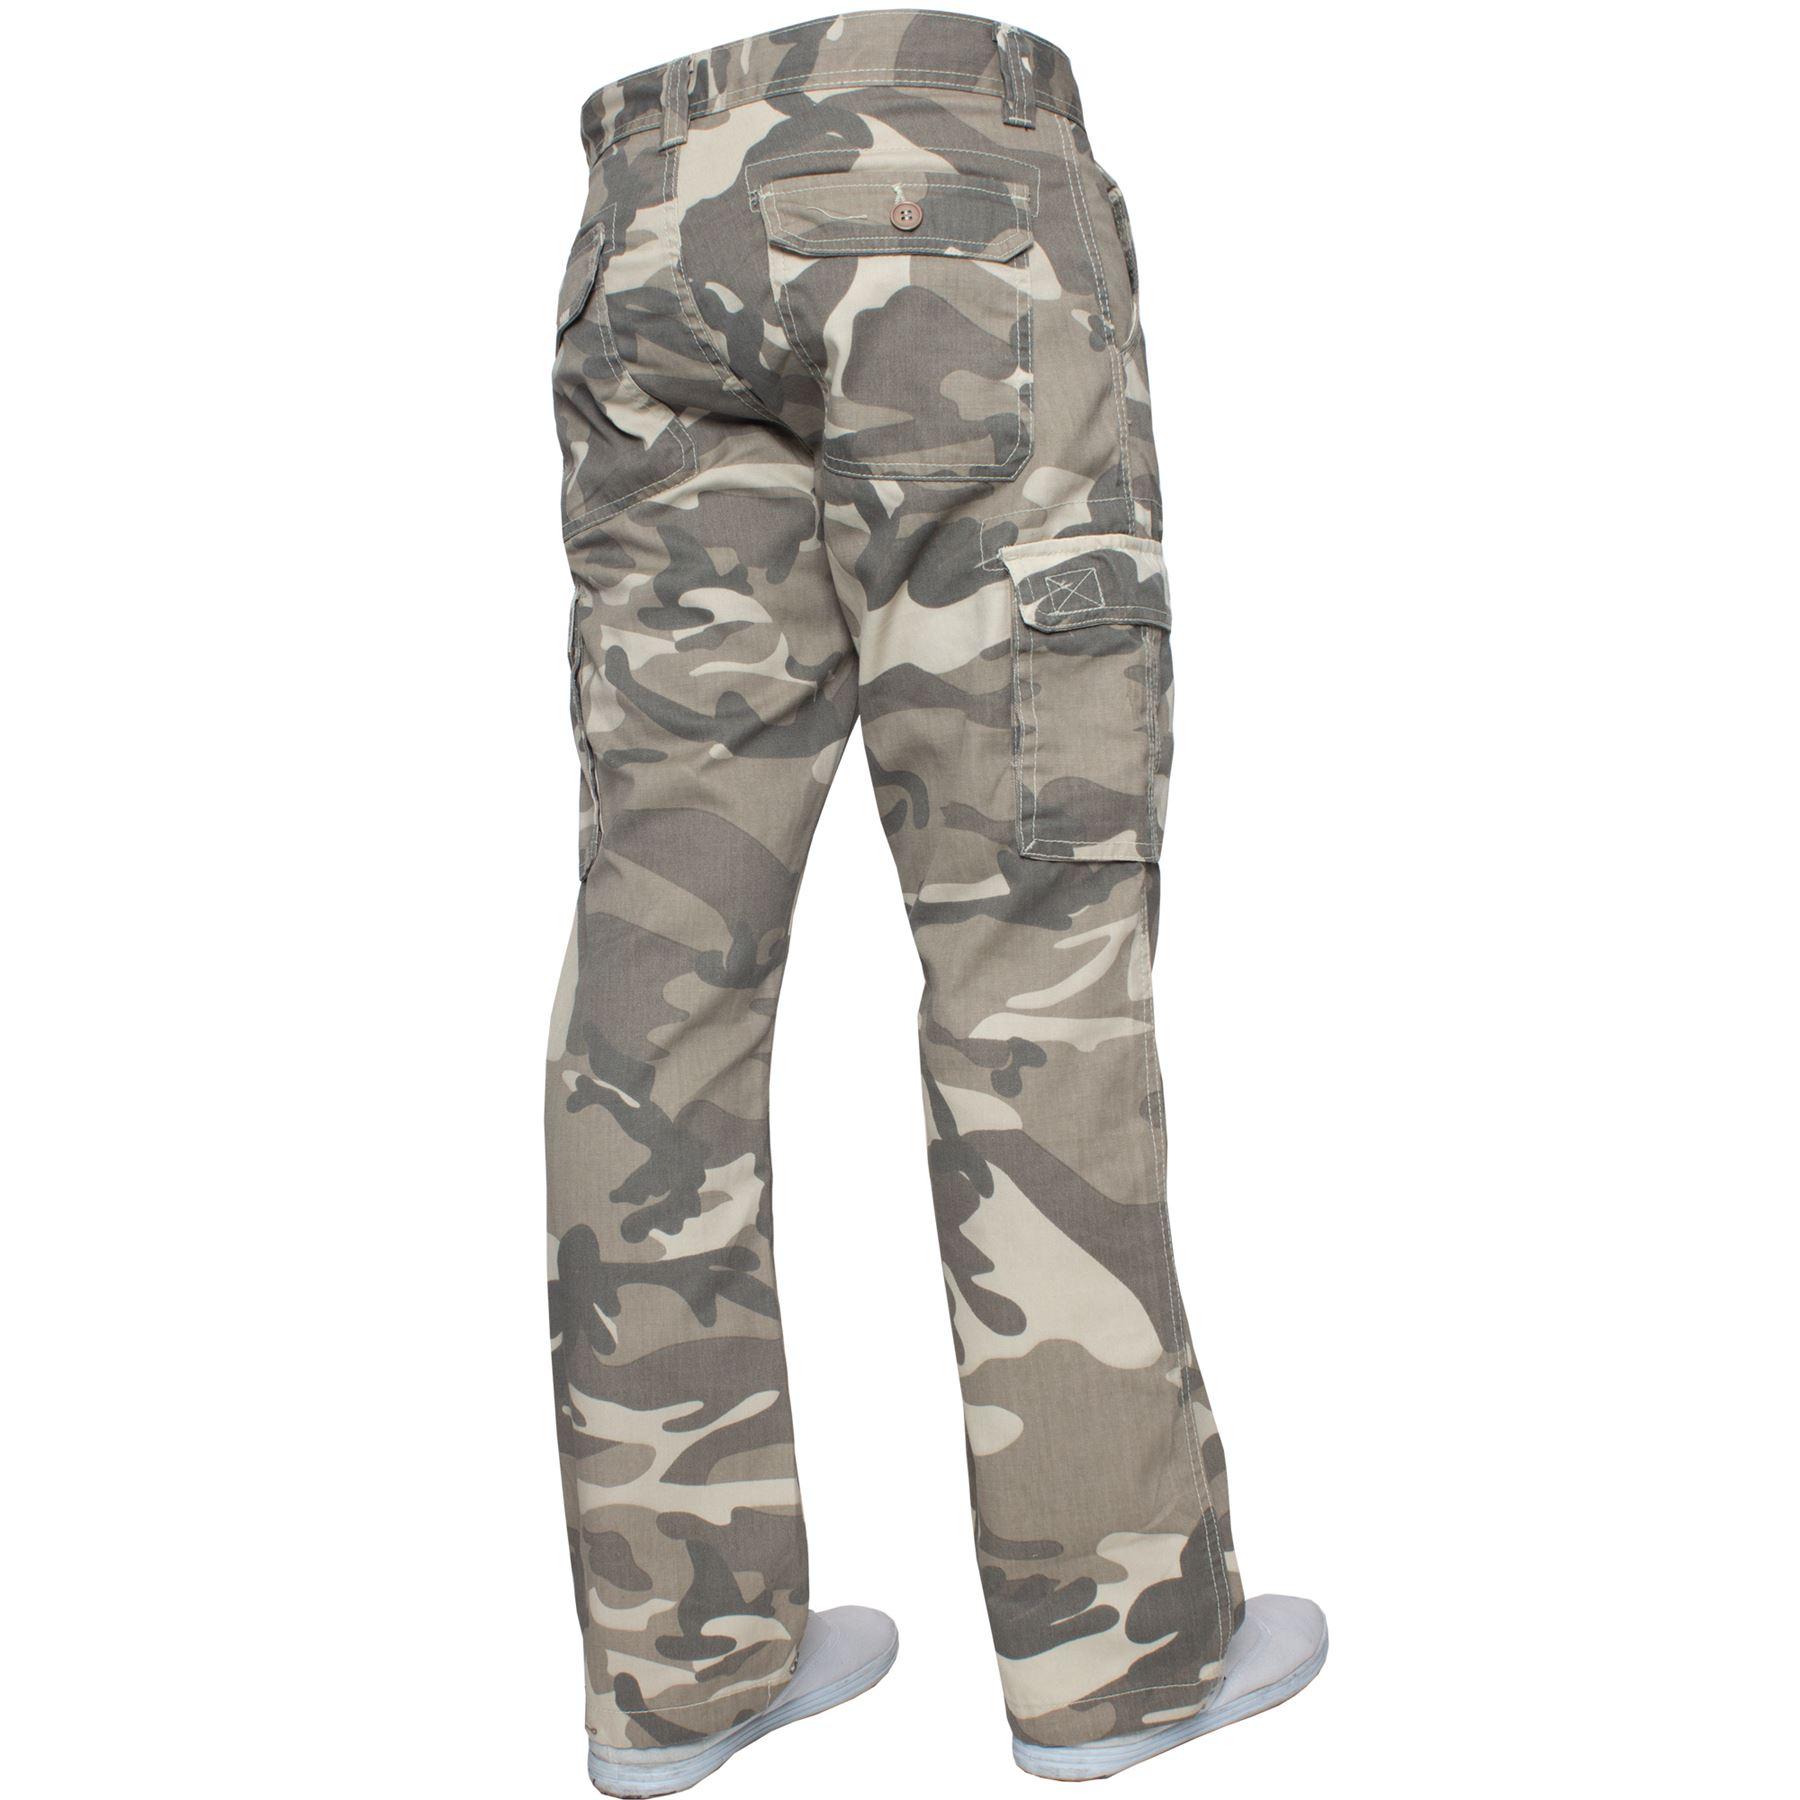 Kruze-Uomo-Militare-Pantaloni-Camouflage-Cargo-Mimetico-Casual-Lavoro miniatura 4